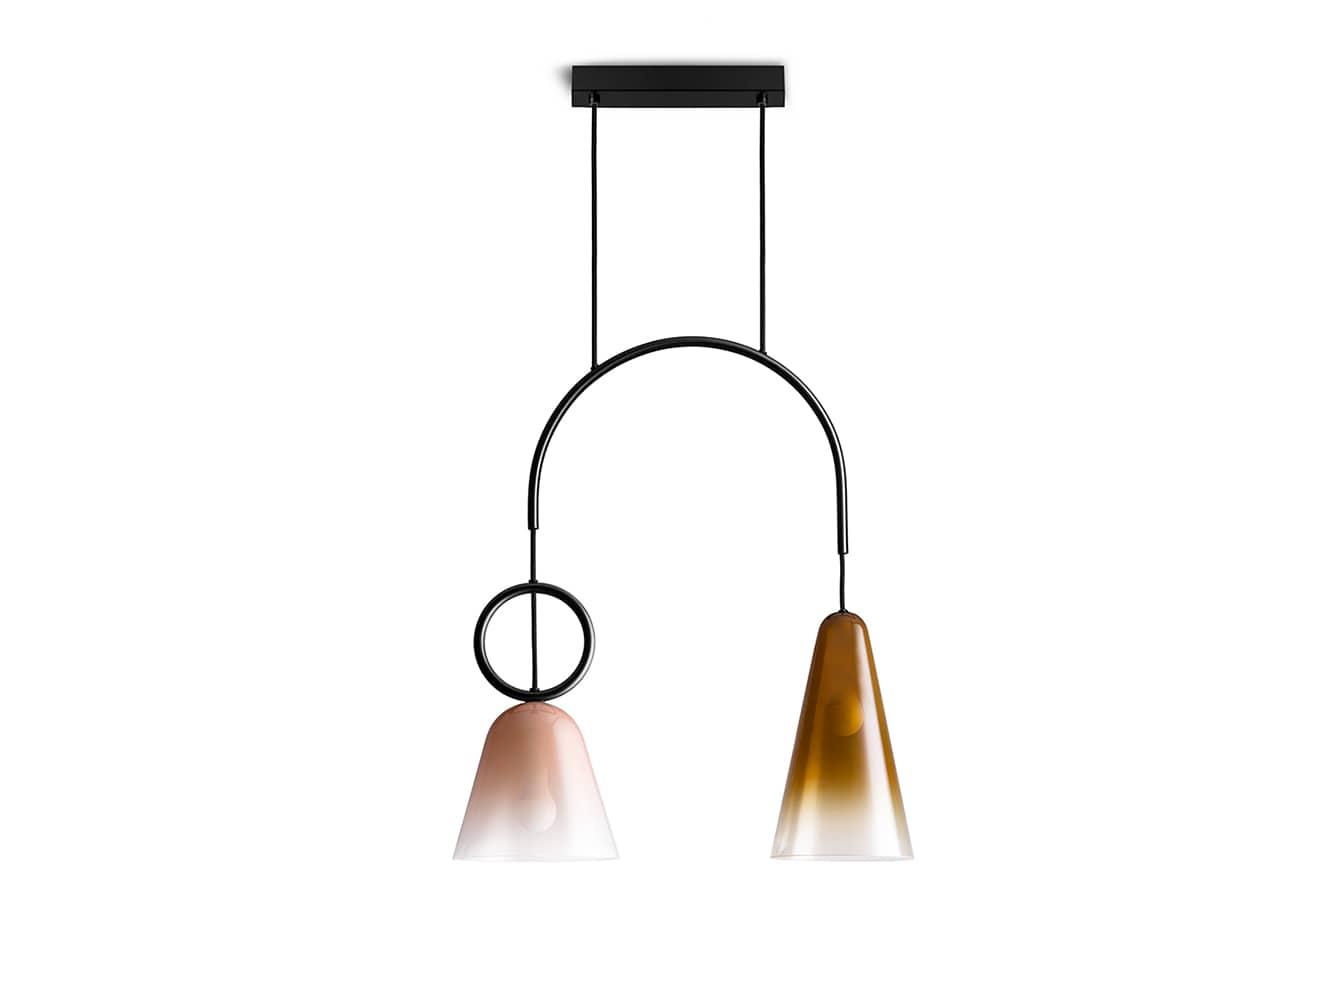 Suspension Kling duo rose et ambre avec cloches en verre offrant une lumière poudrée. Design Célia-Hannes - L 57 x H 62 cm - ©Petite Friture